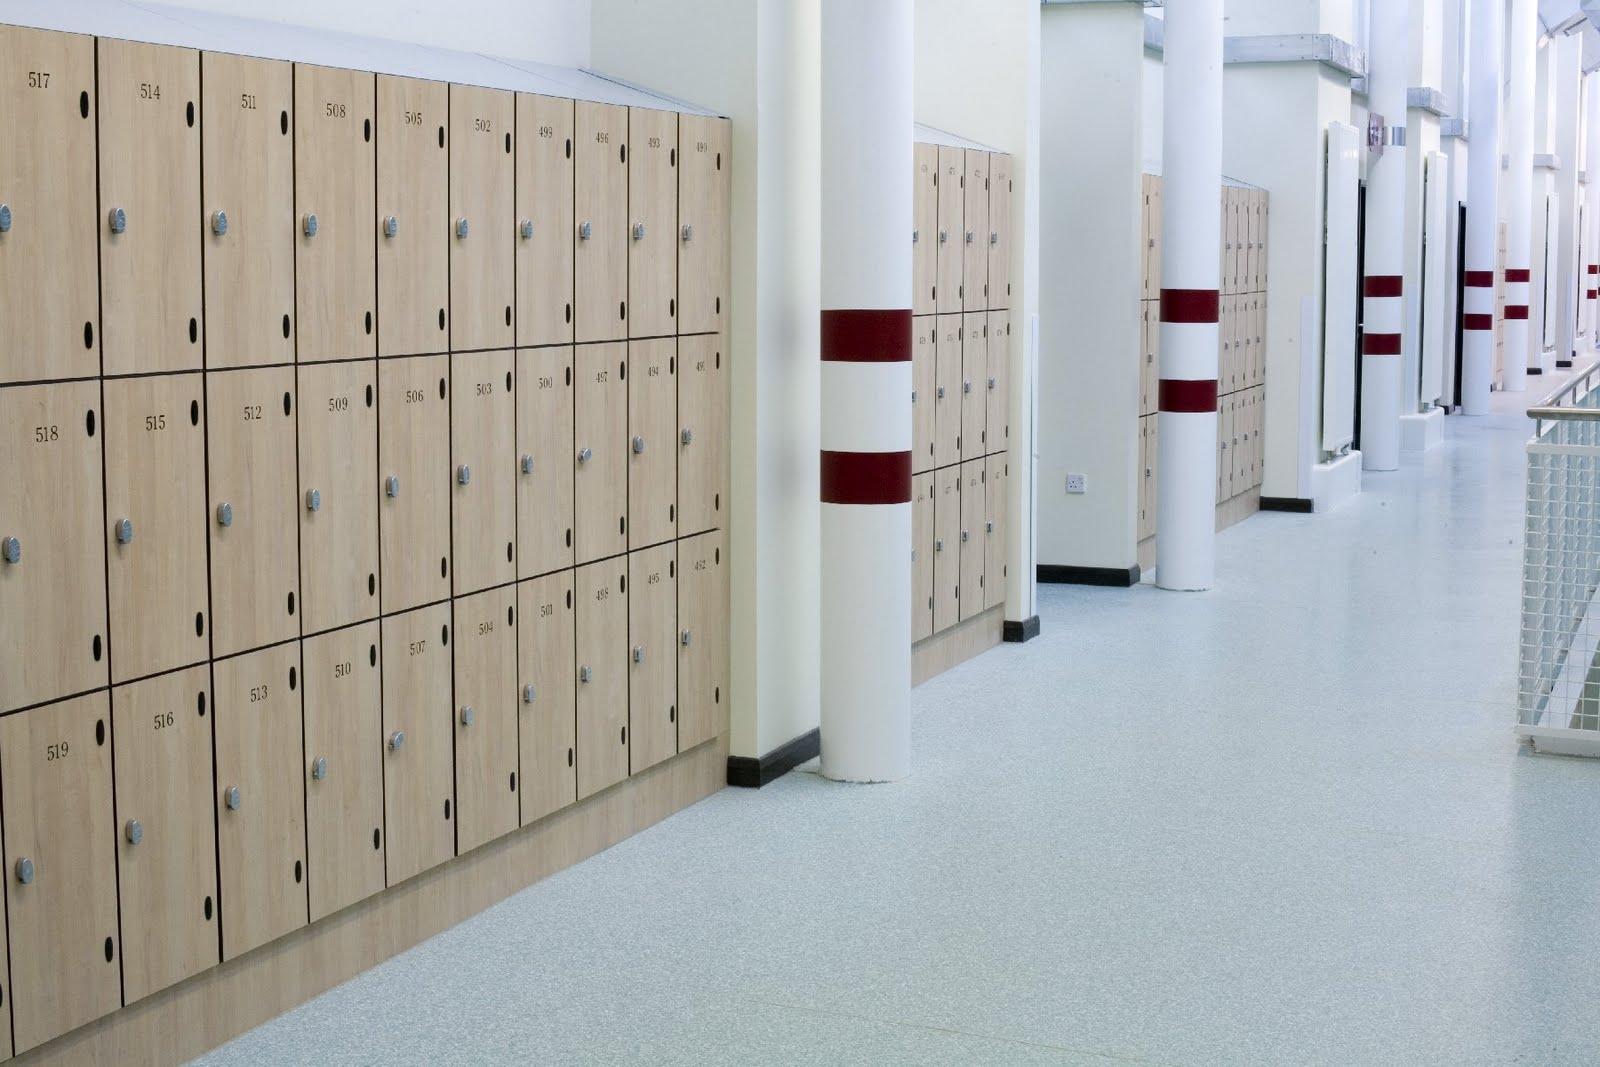 Heavy Duty Locker 2 School Lockers Staff Lockers Coin Operated Lockers